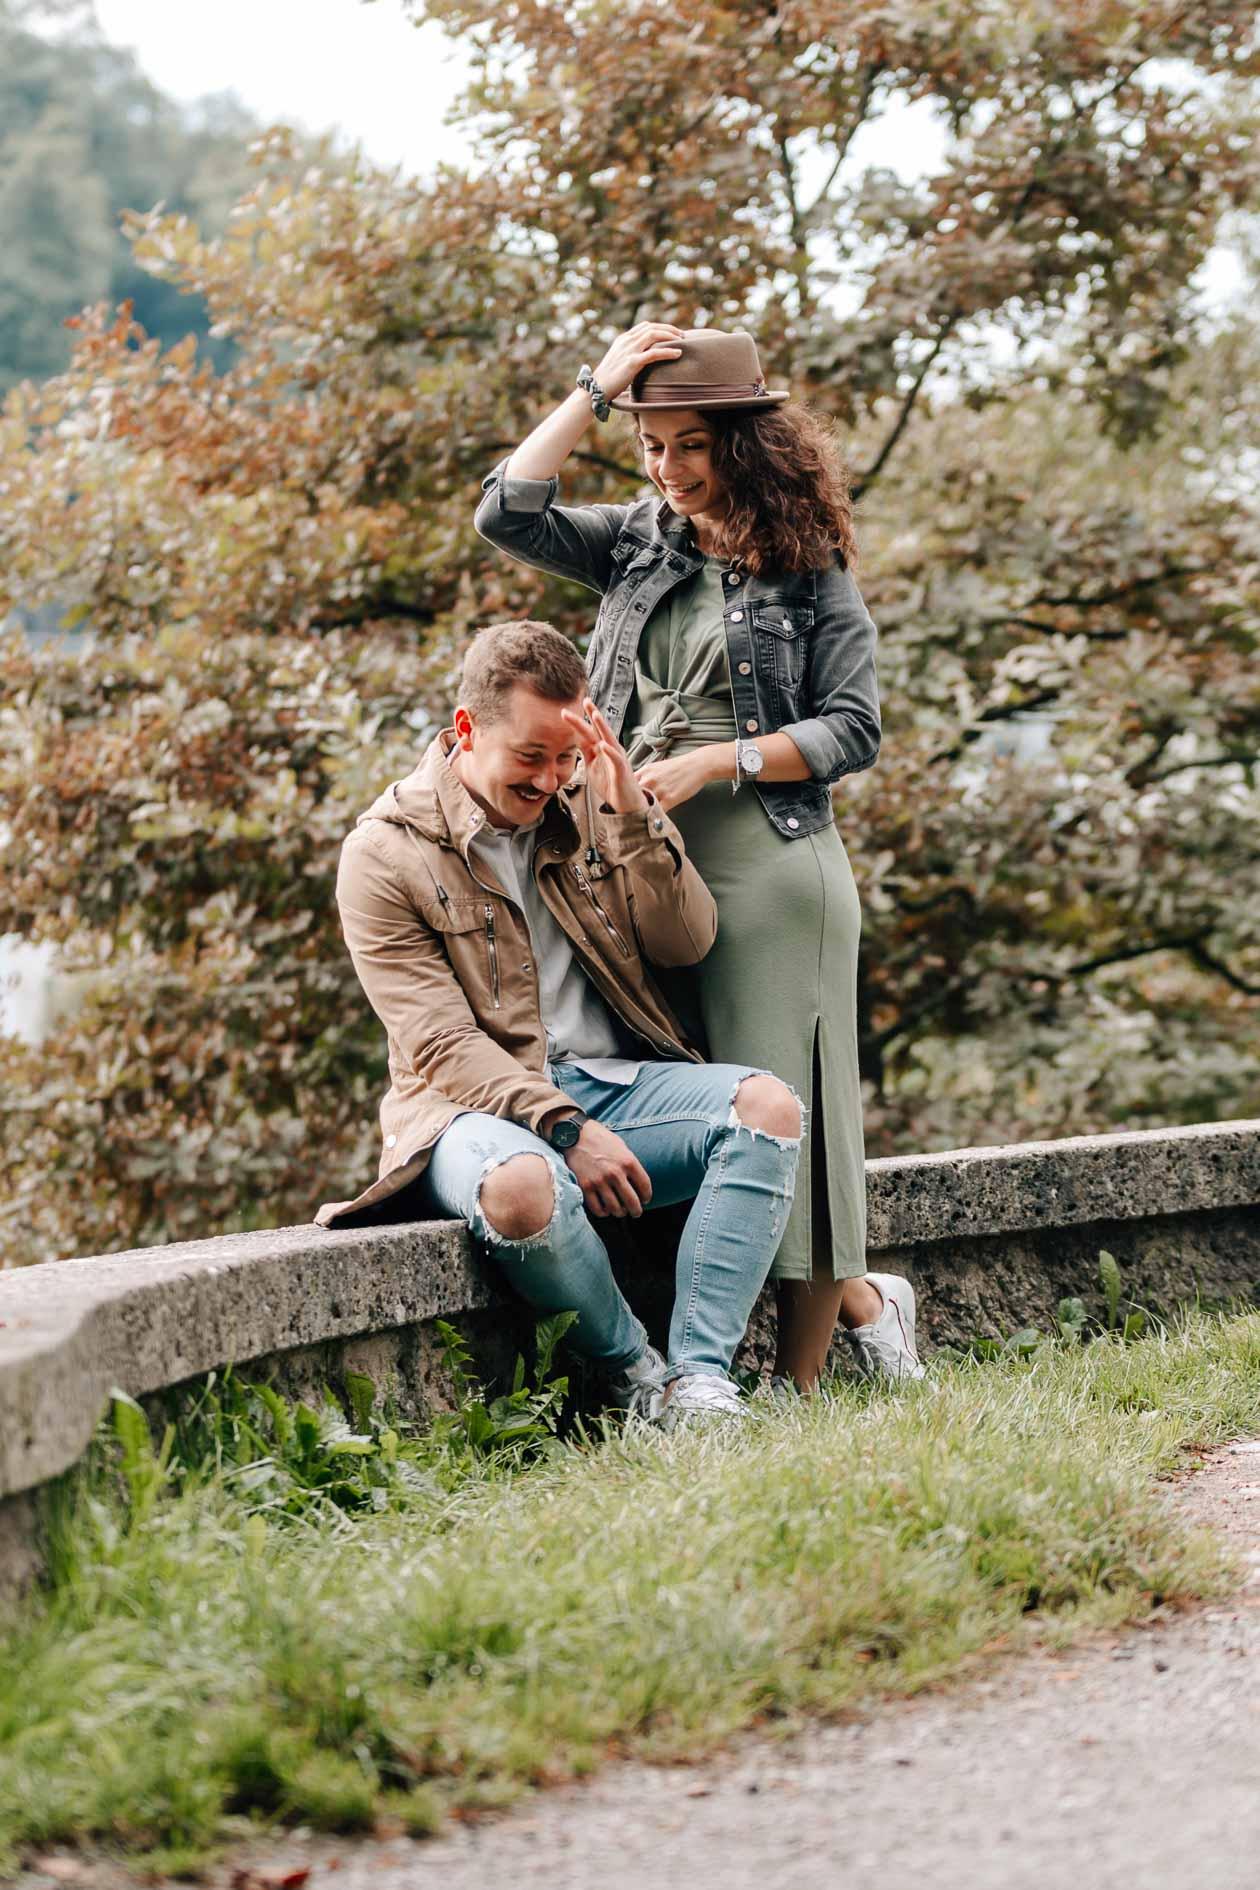 Paarbilder | Fotos Freund und Freundin | in der Natur | Wassserburg am Inn